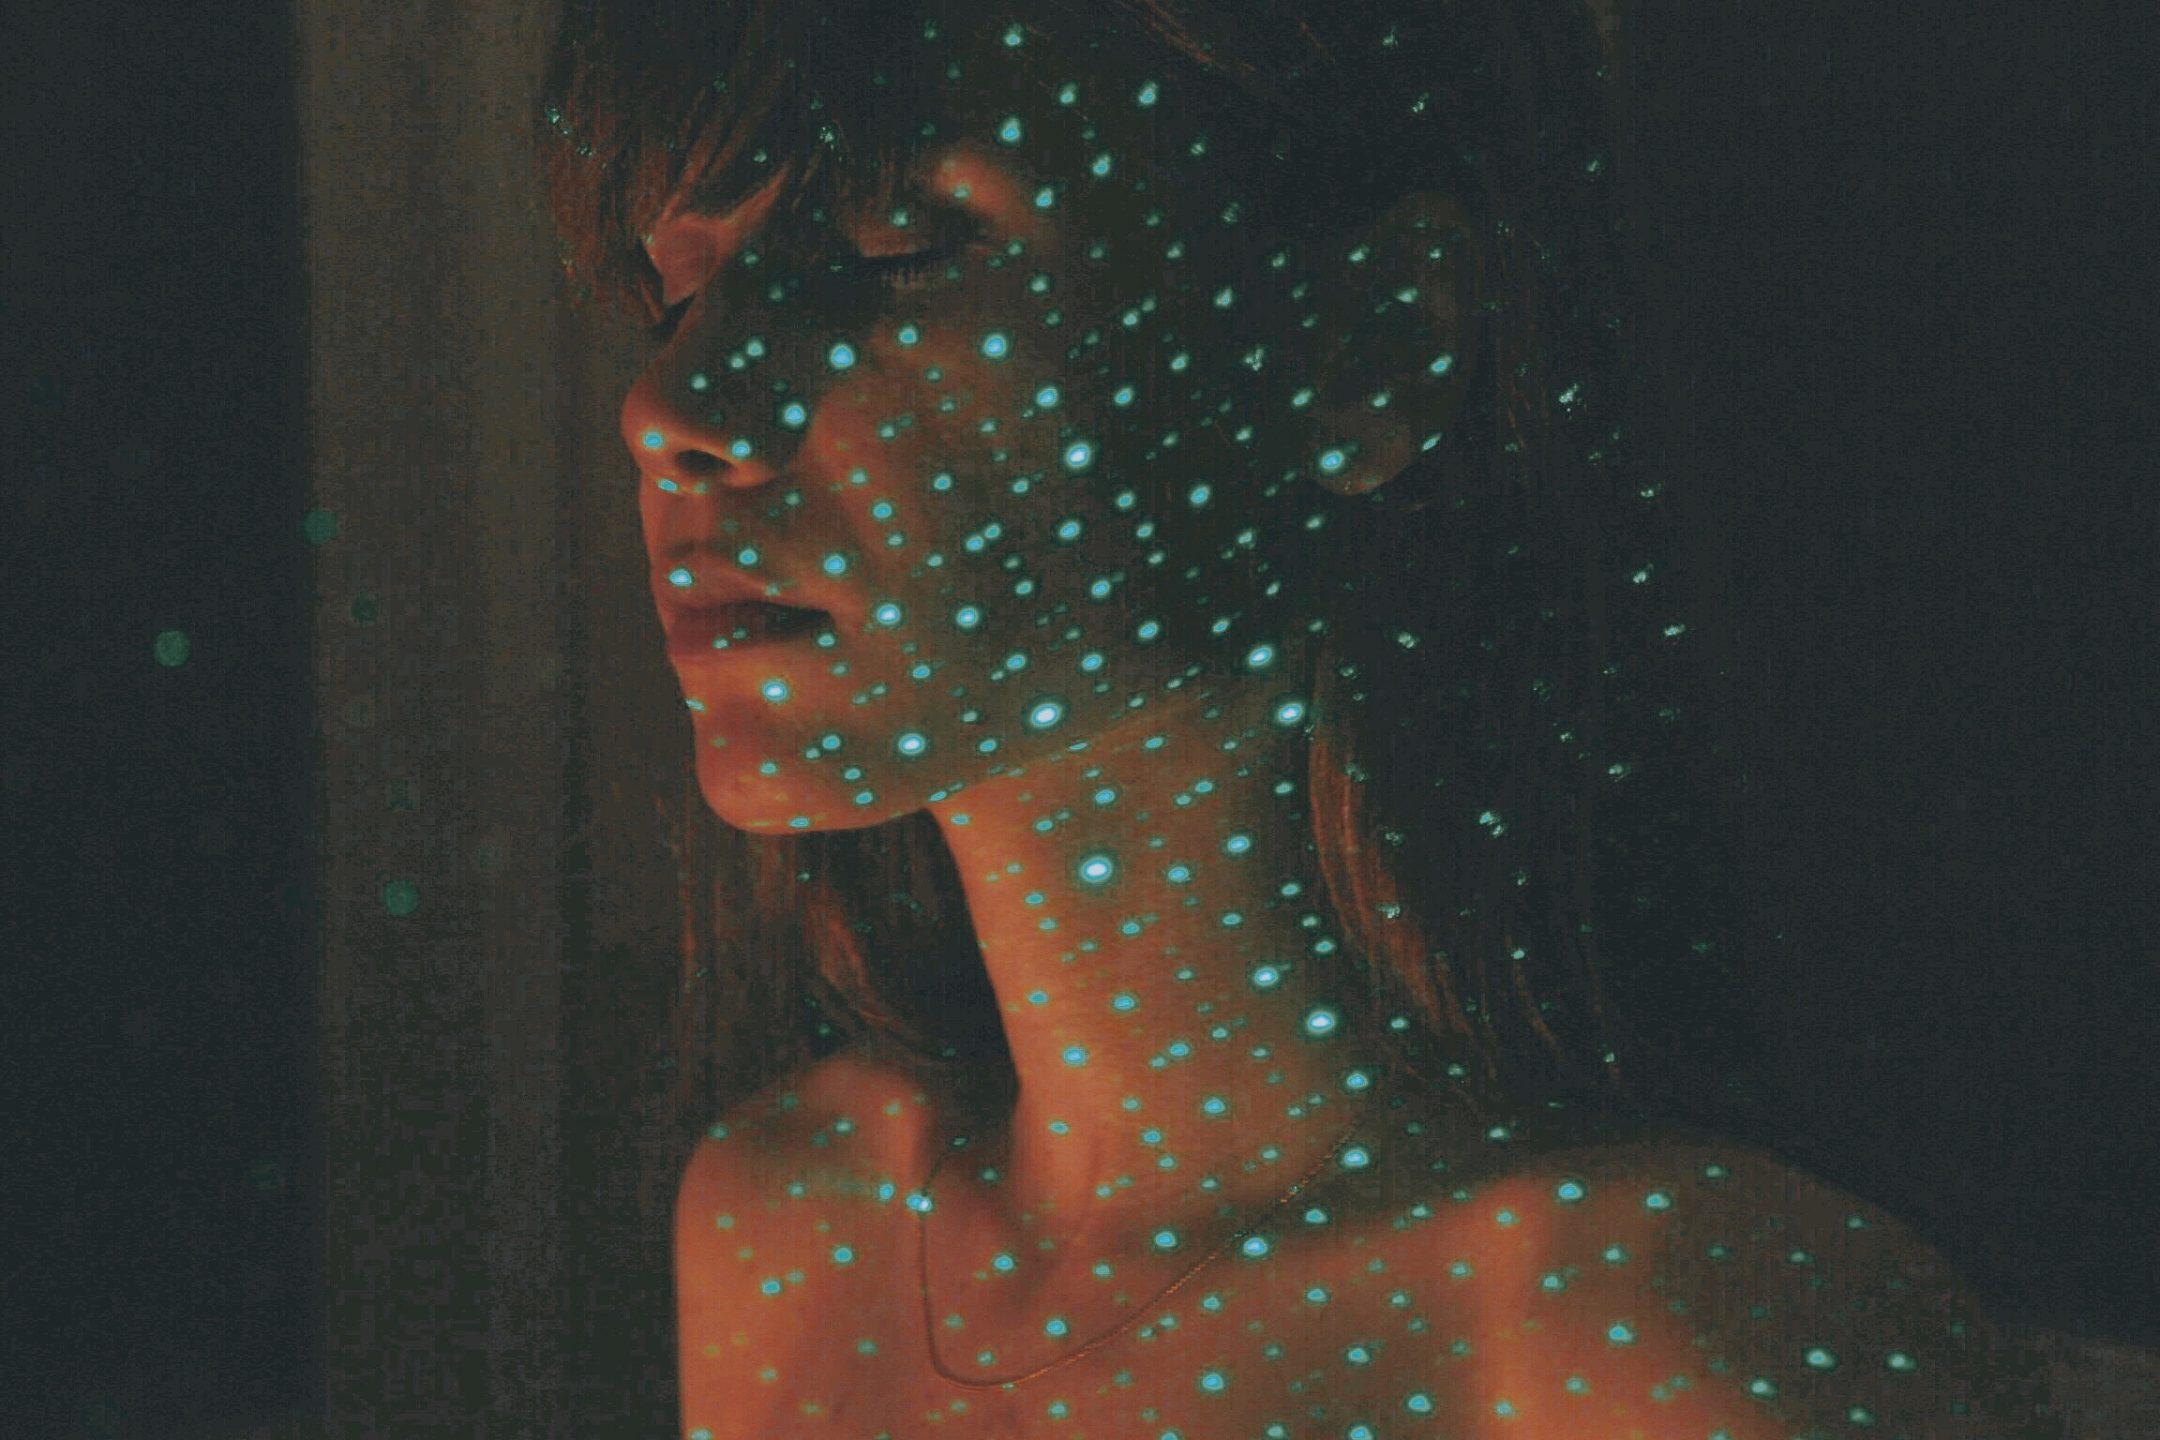 donna con fasci di laser